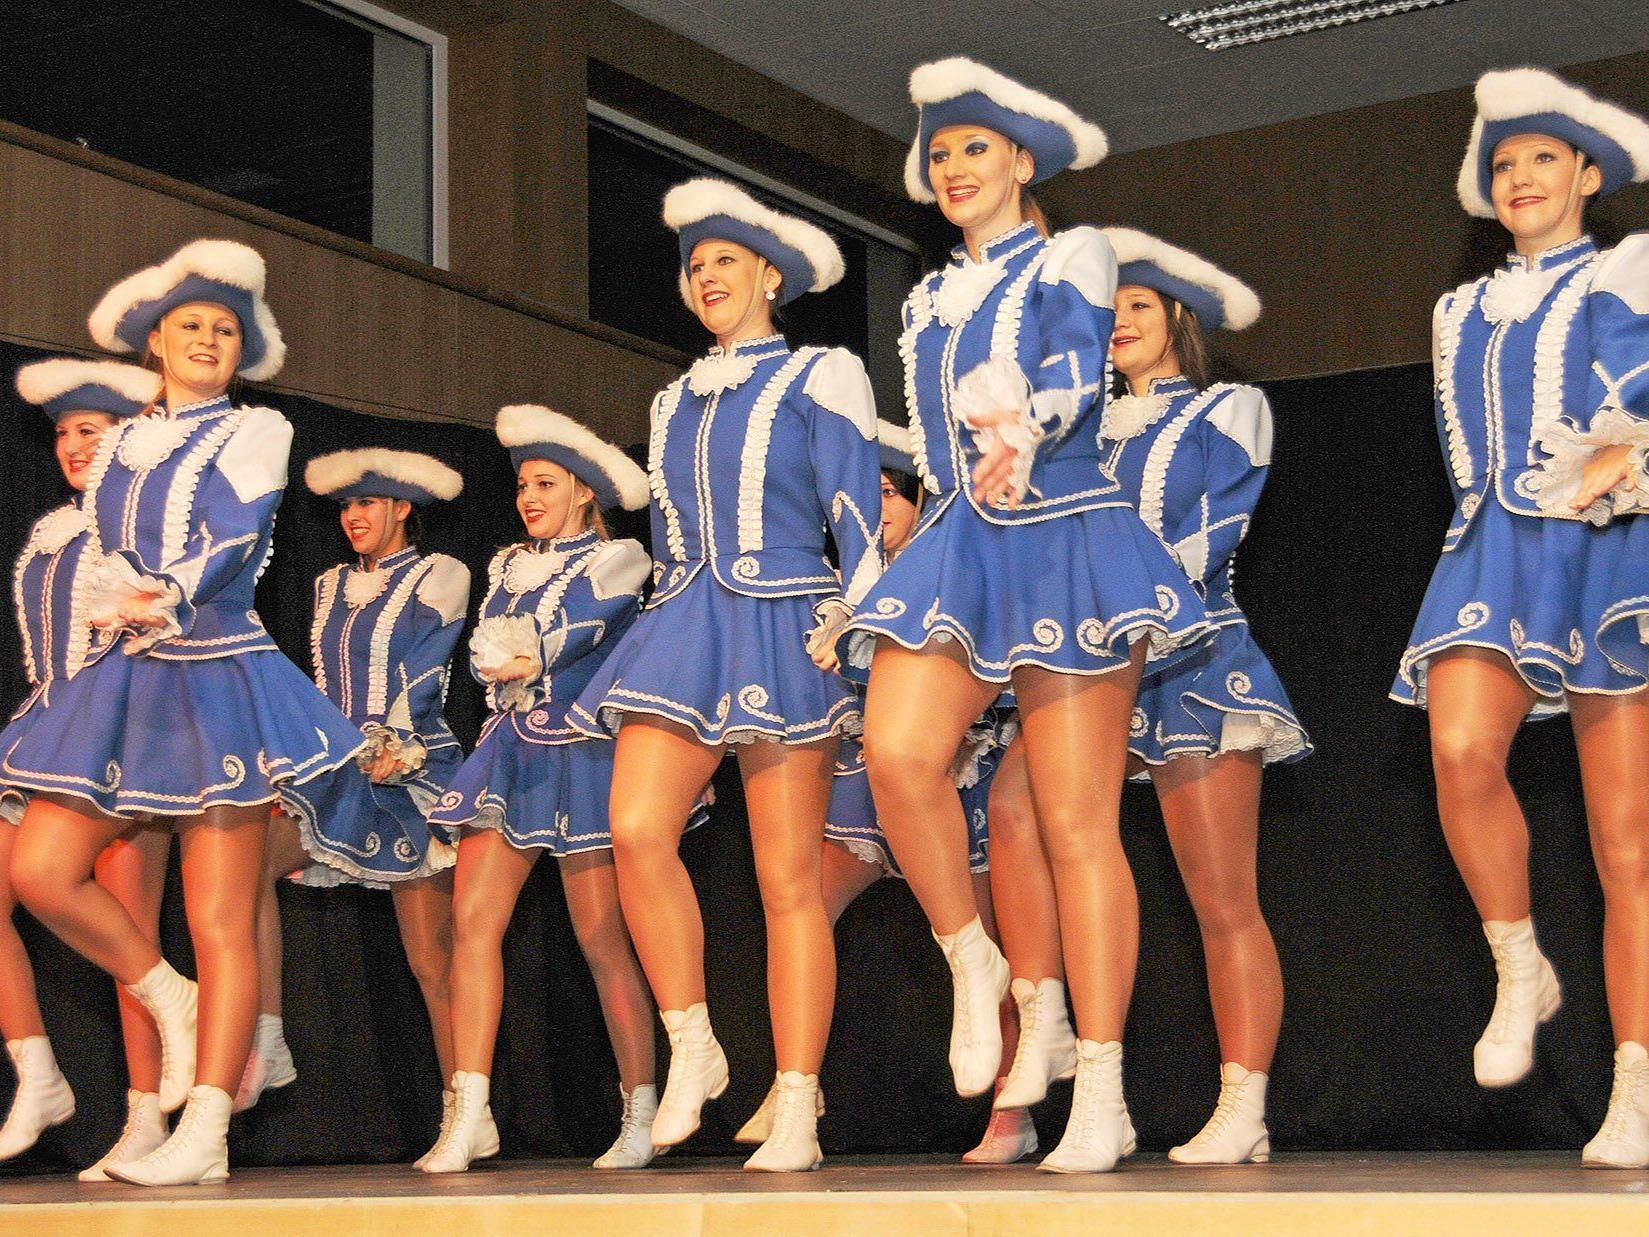 Bei der Gardegala in der Rheinauhalle Höchst ist natürlich auch die Höchster Garde zu bewundern.